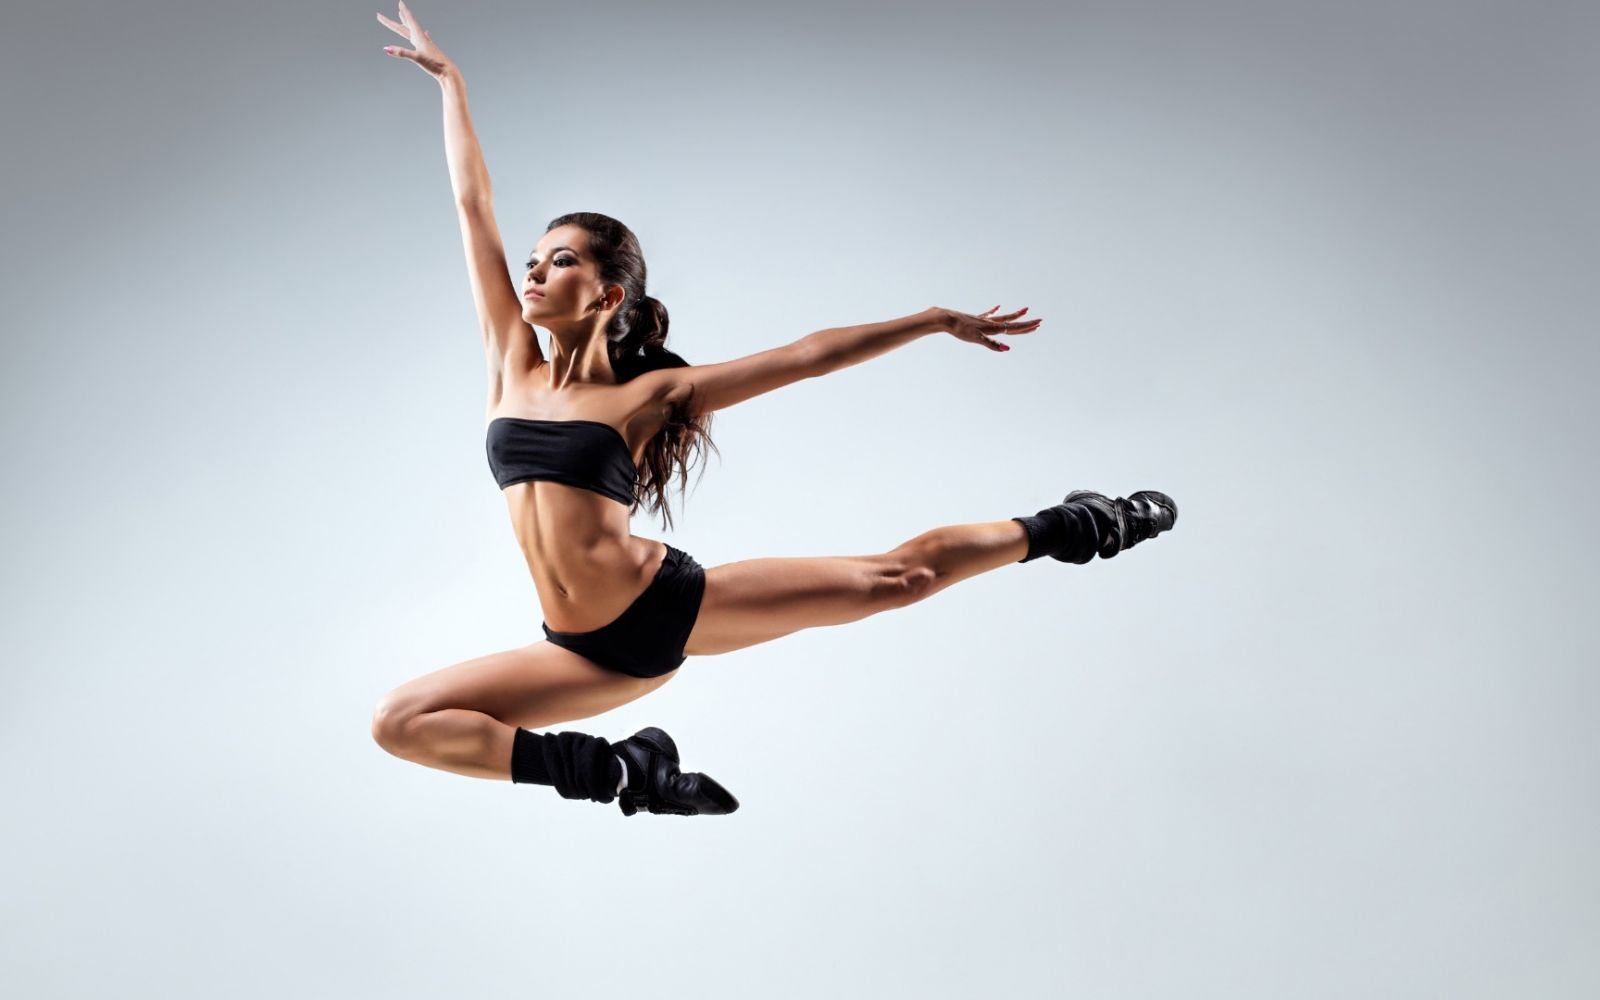 какой танец помогает похудеть